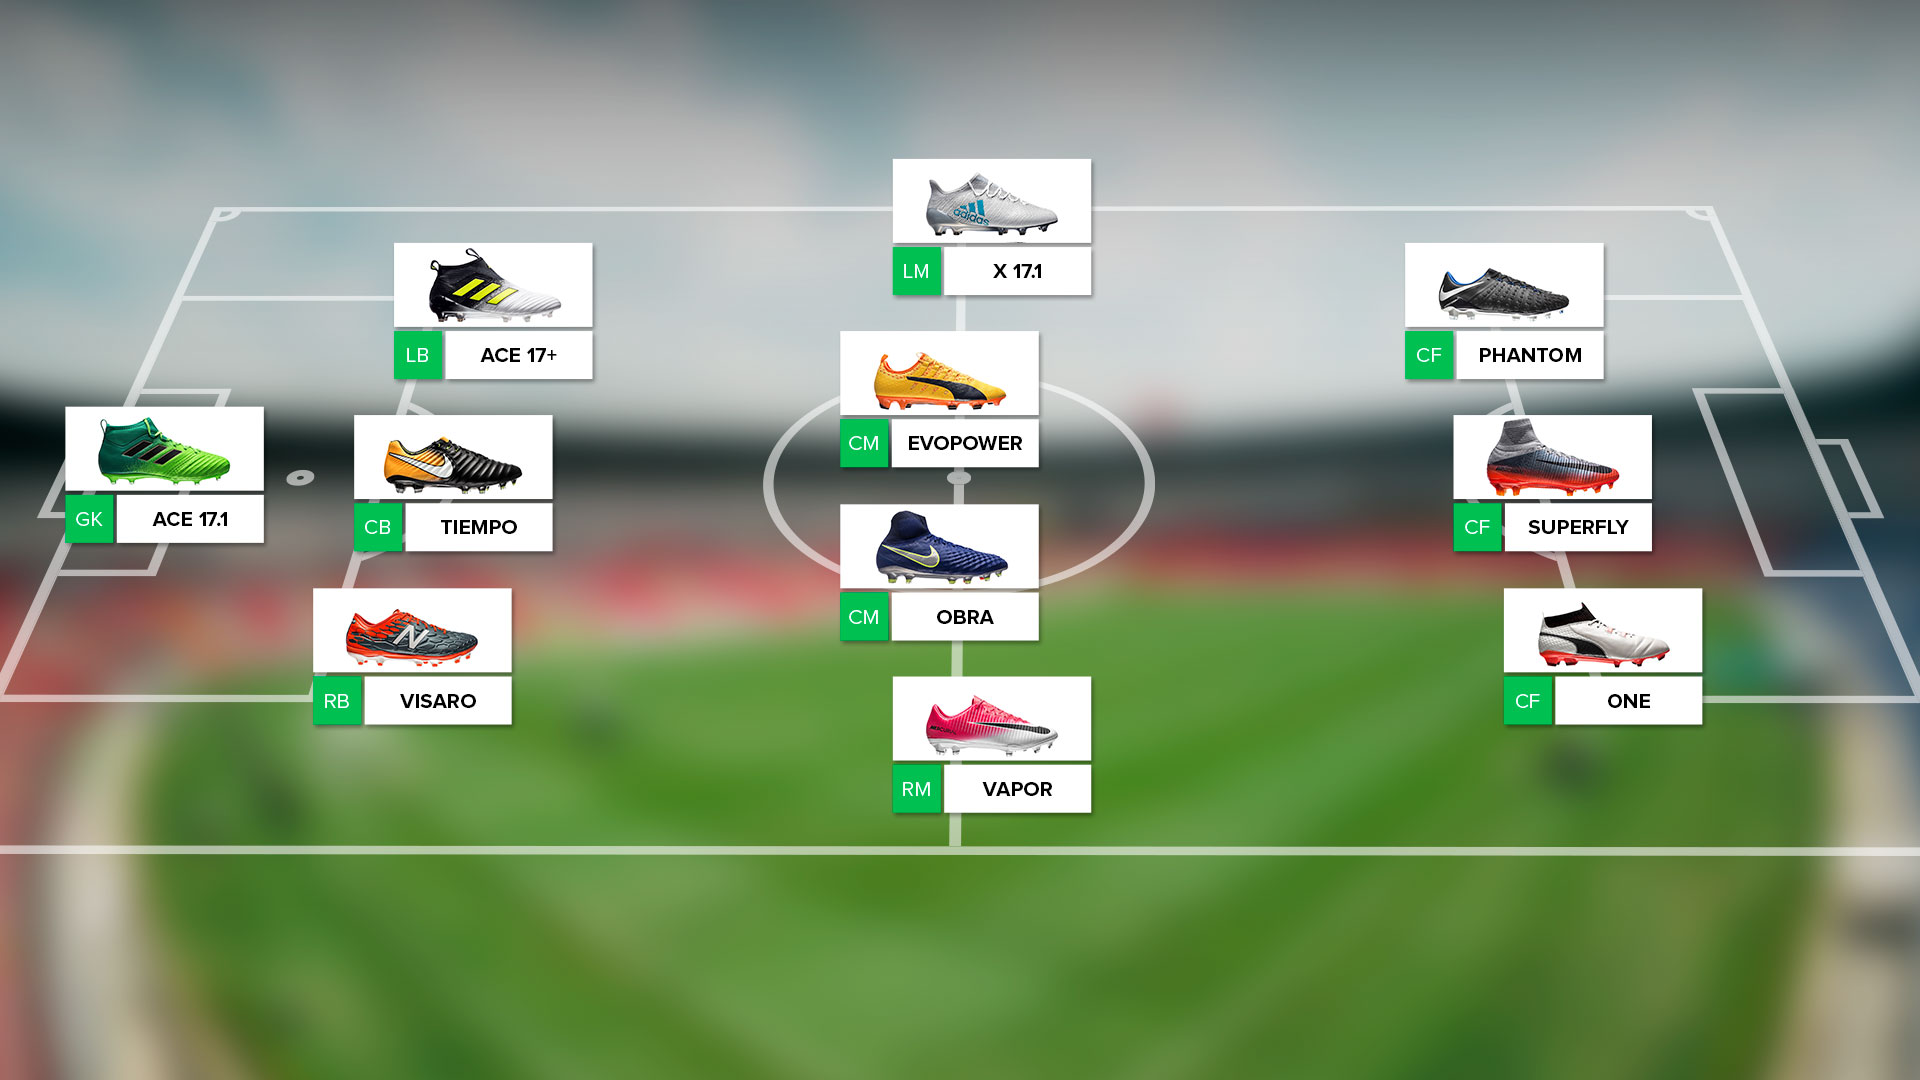 Hvilke fotballsko passer til de spesifikke posisjonene? |